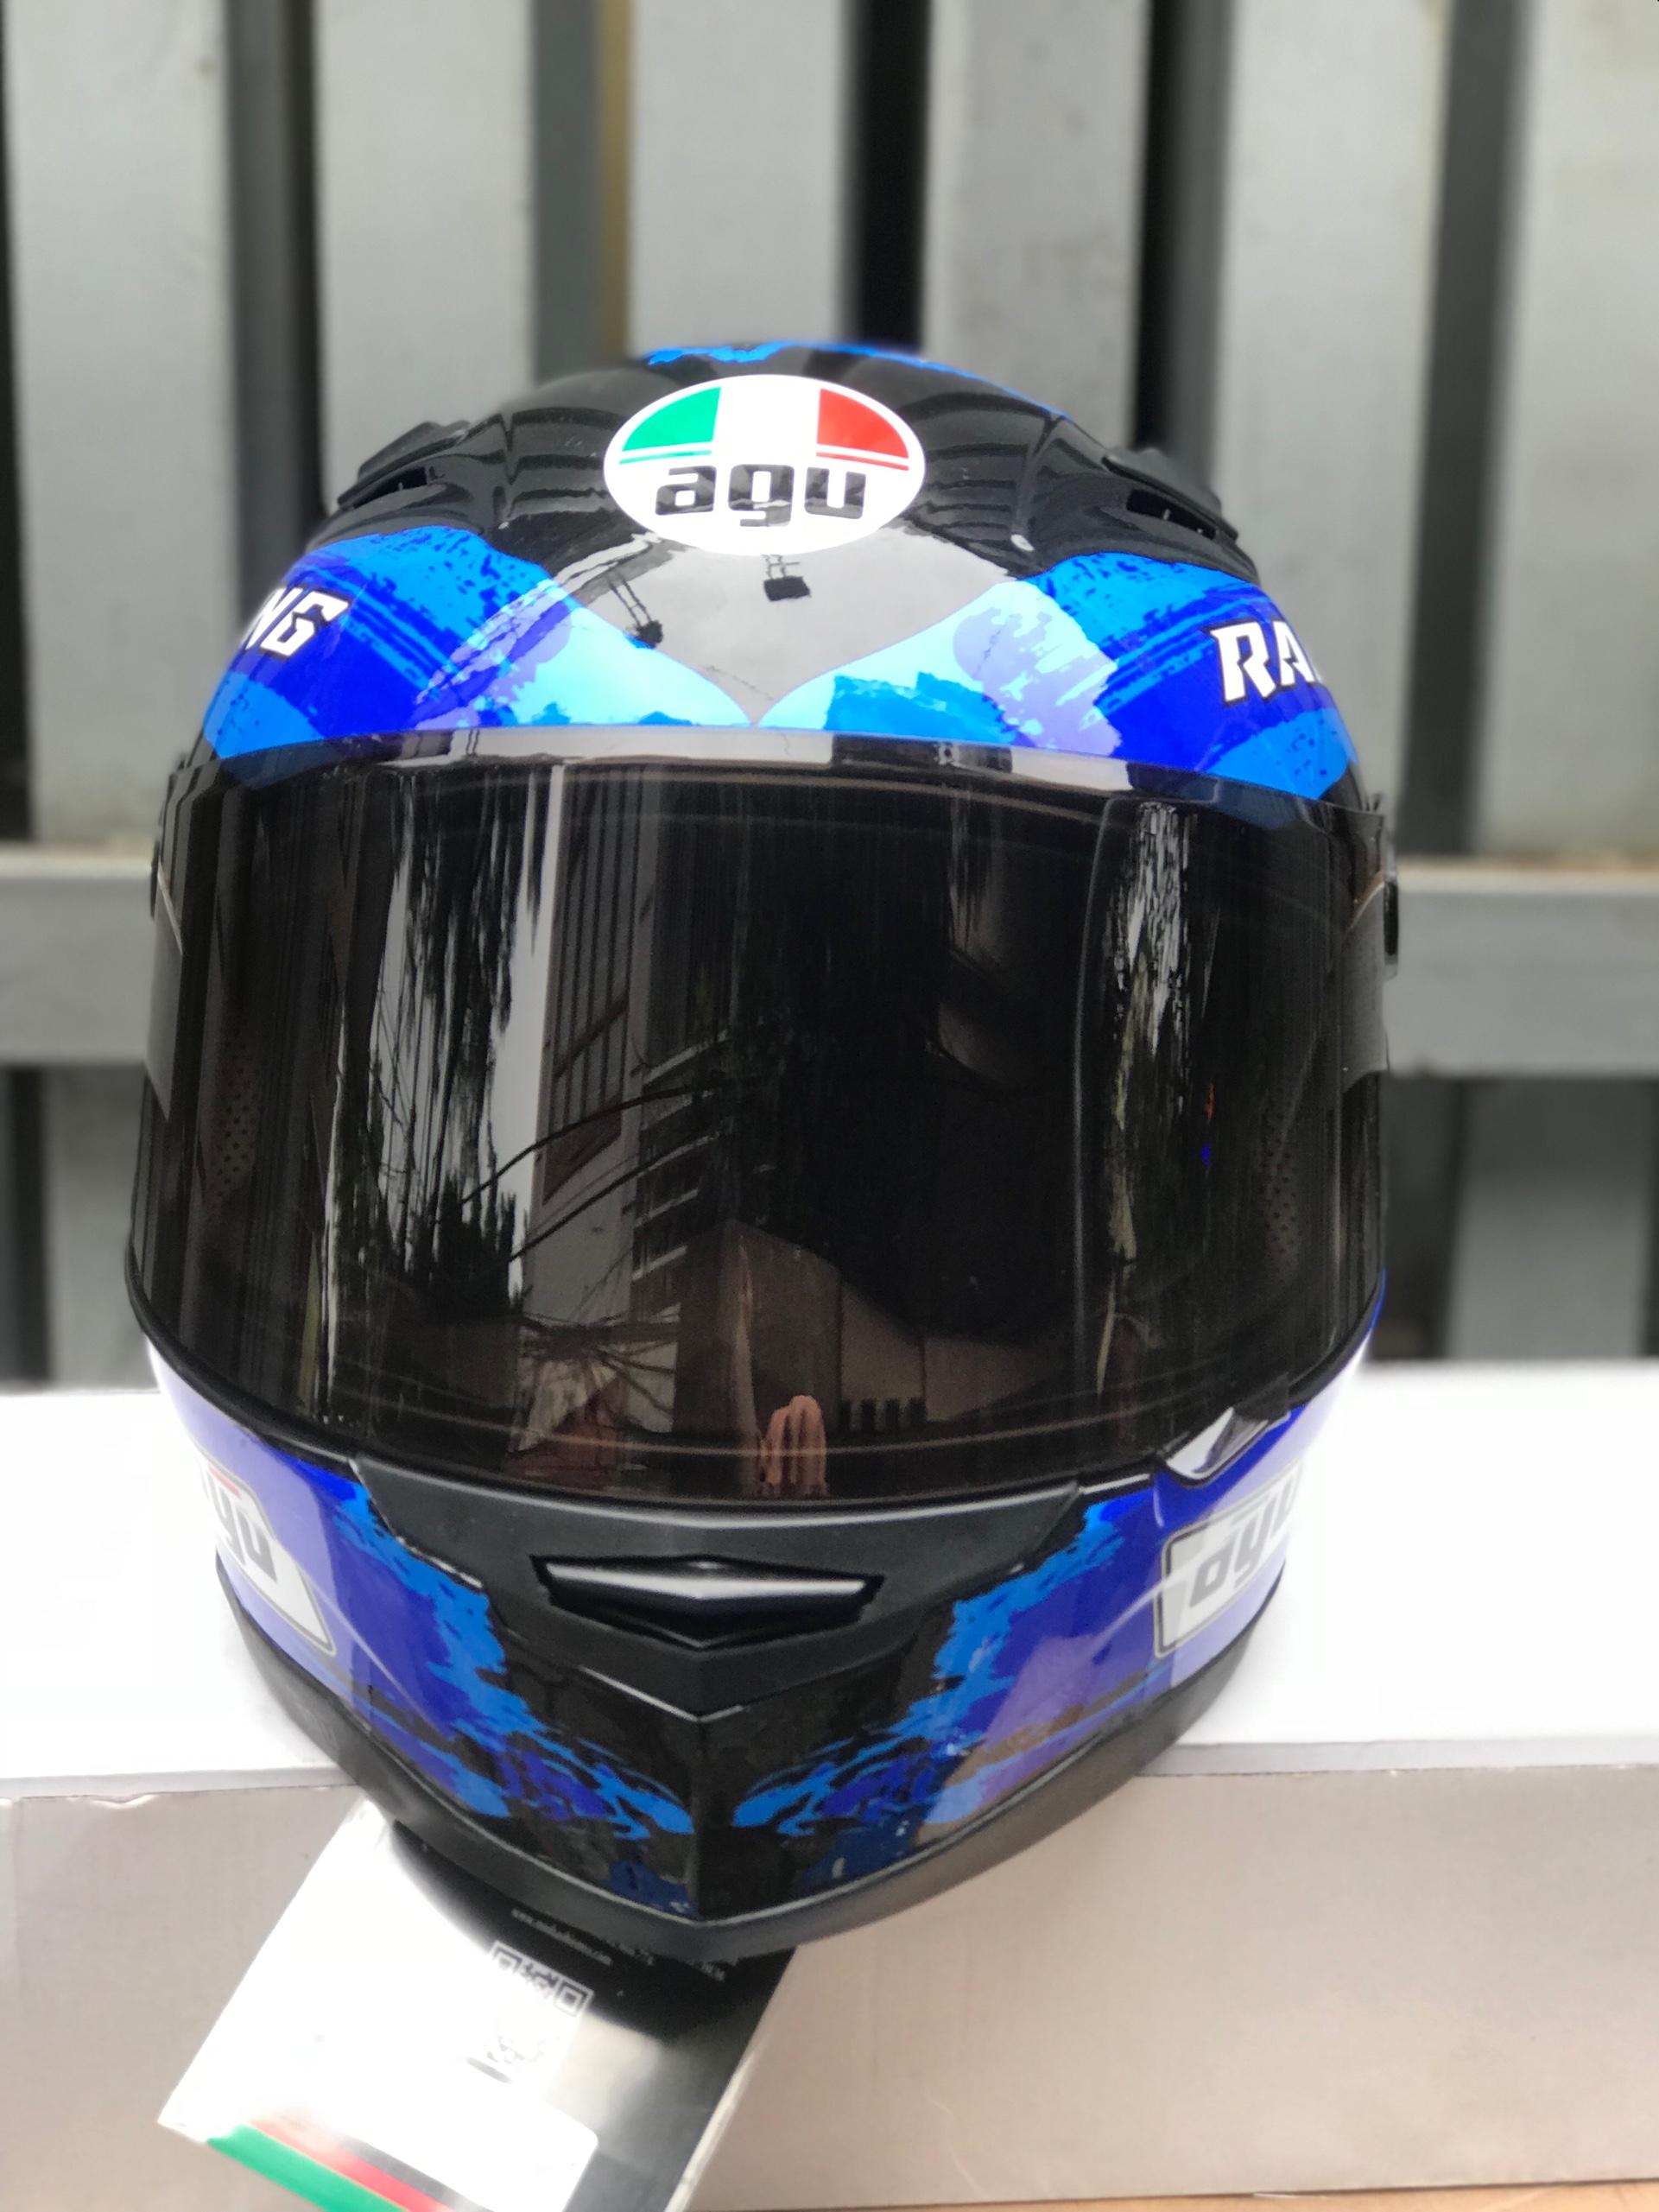 ( freeship bảo hành 24 tháng ) mũ nón AGU tem Racing energy xanh nước biển (hàng chính hãng)